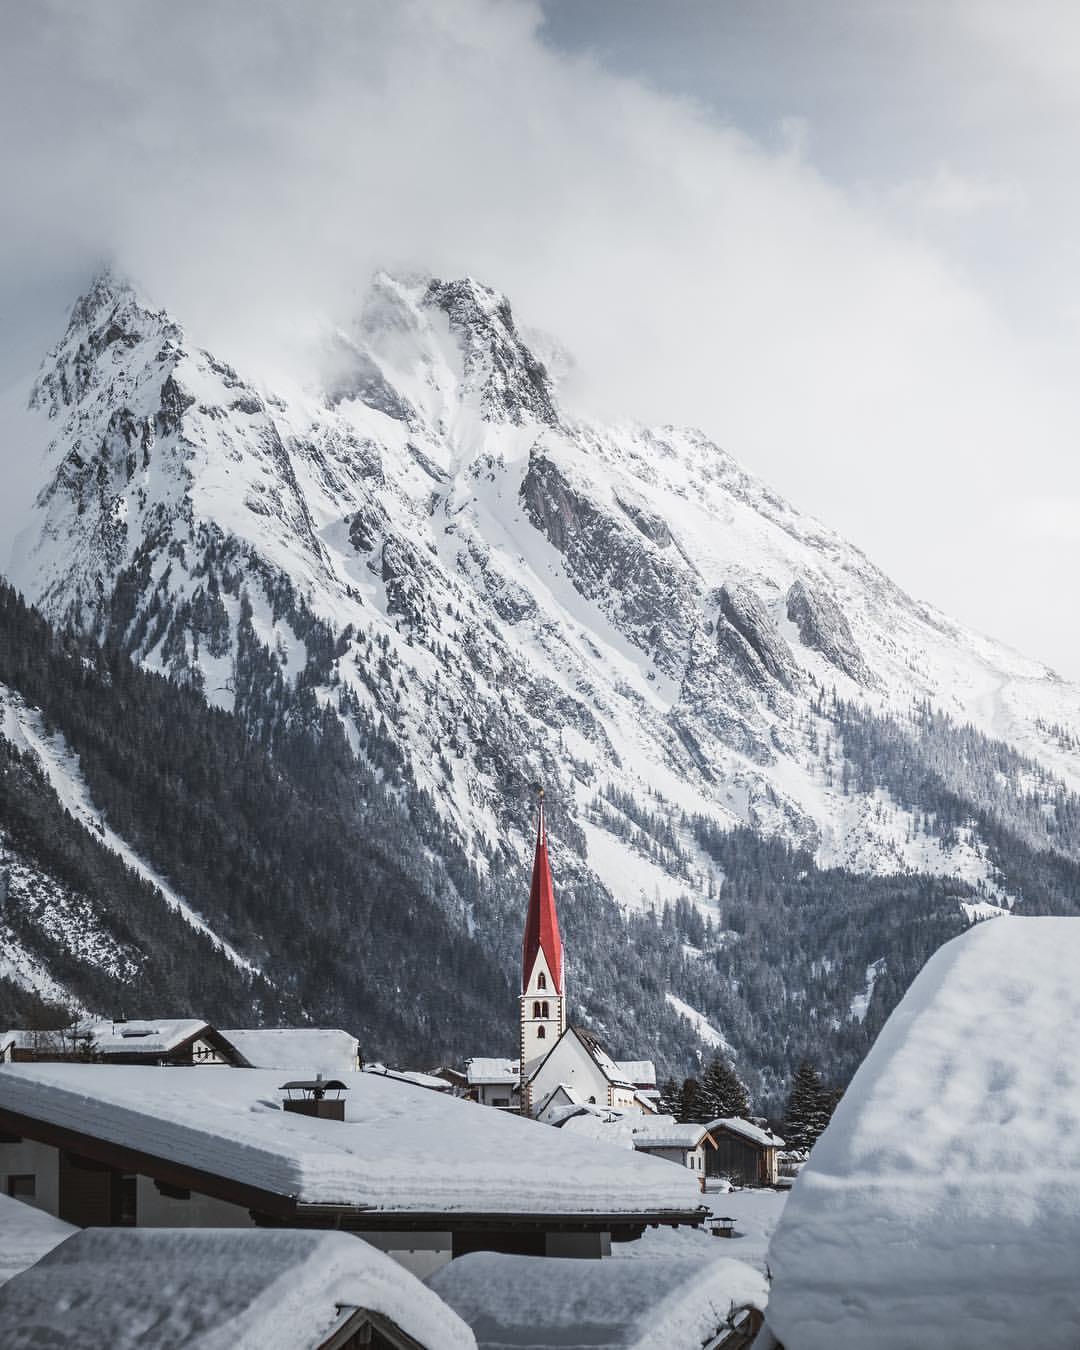 Kirche in einer alpinen Winterlandschaft